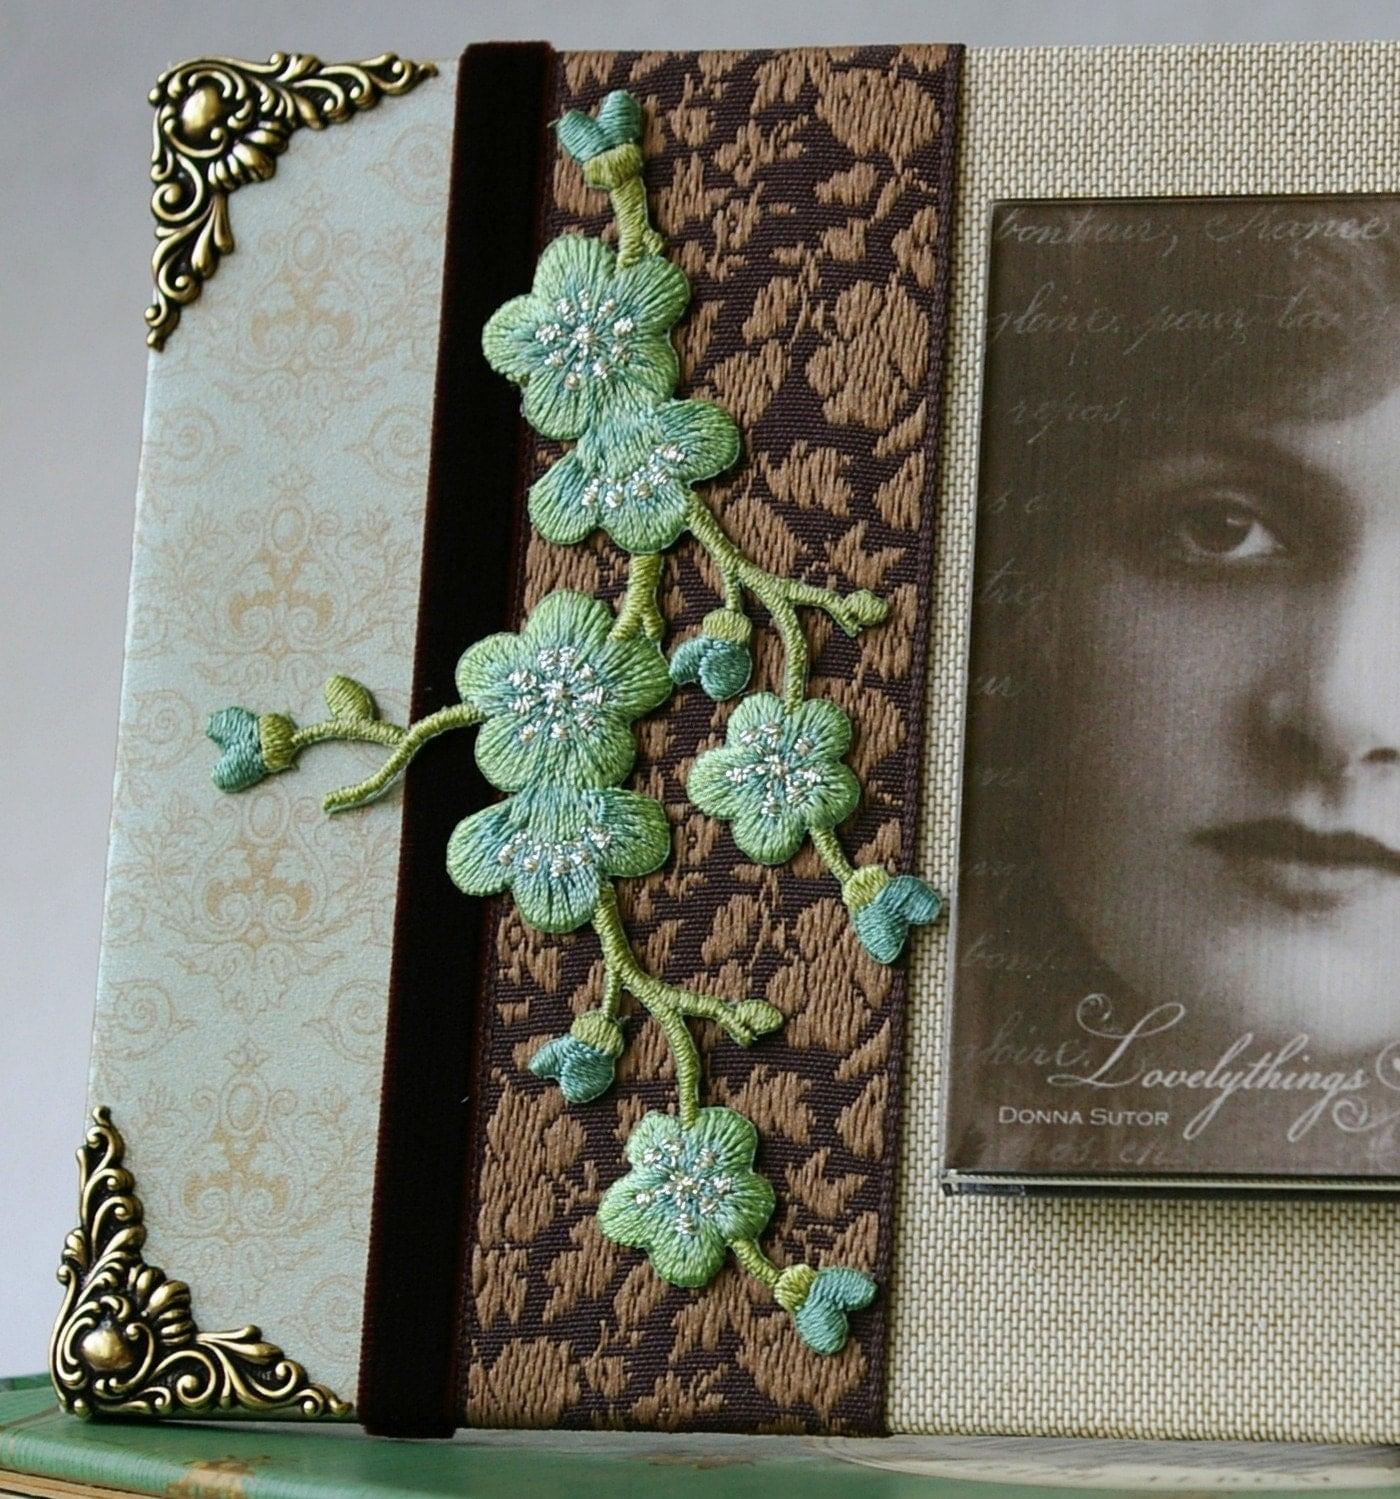 Декоративная рамка для фотографий, Вишни в цвету, лен коричневый мокко мудрец зеленый картина фоторамки